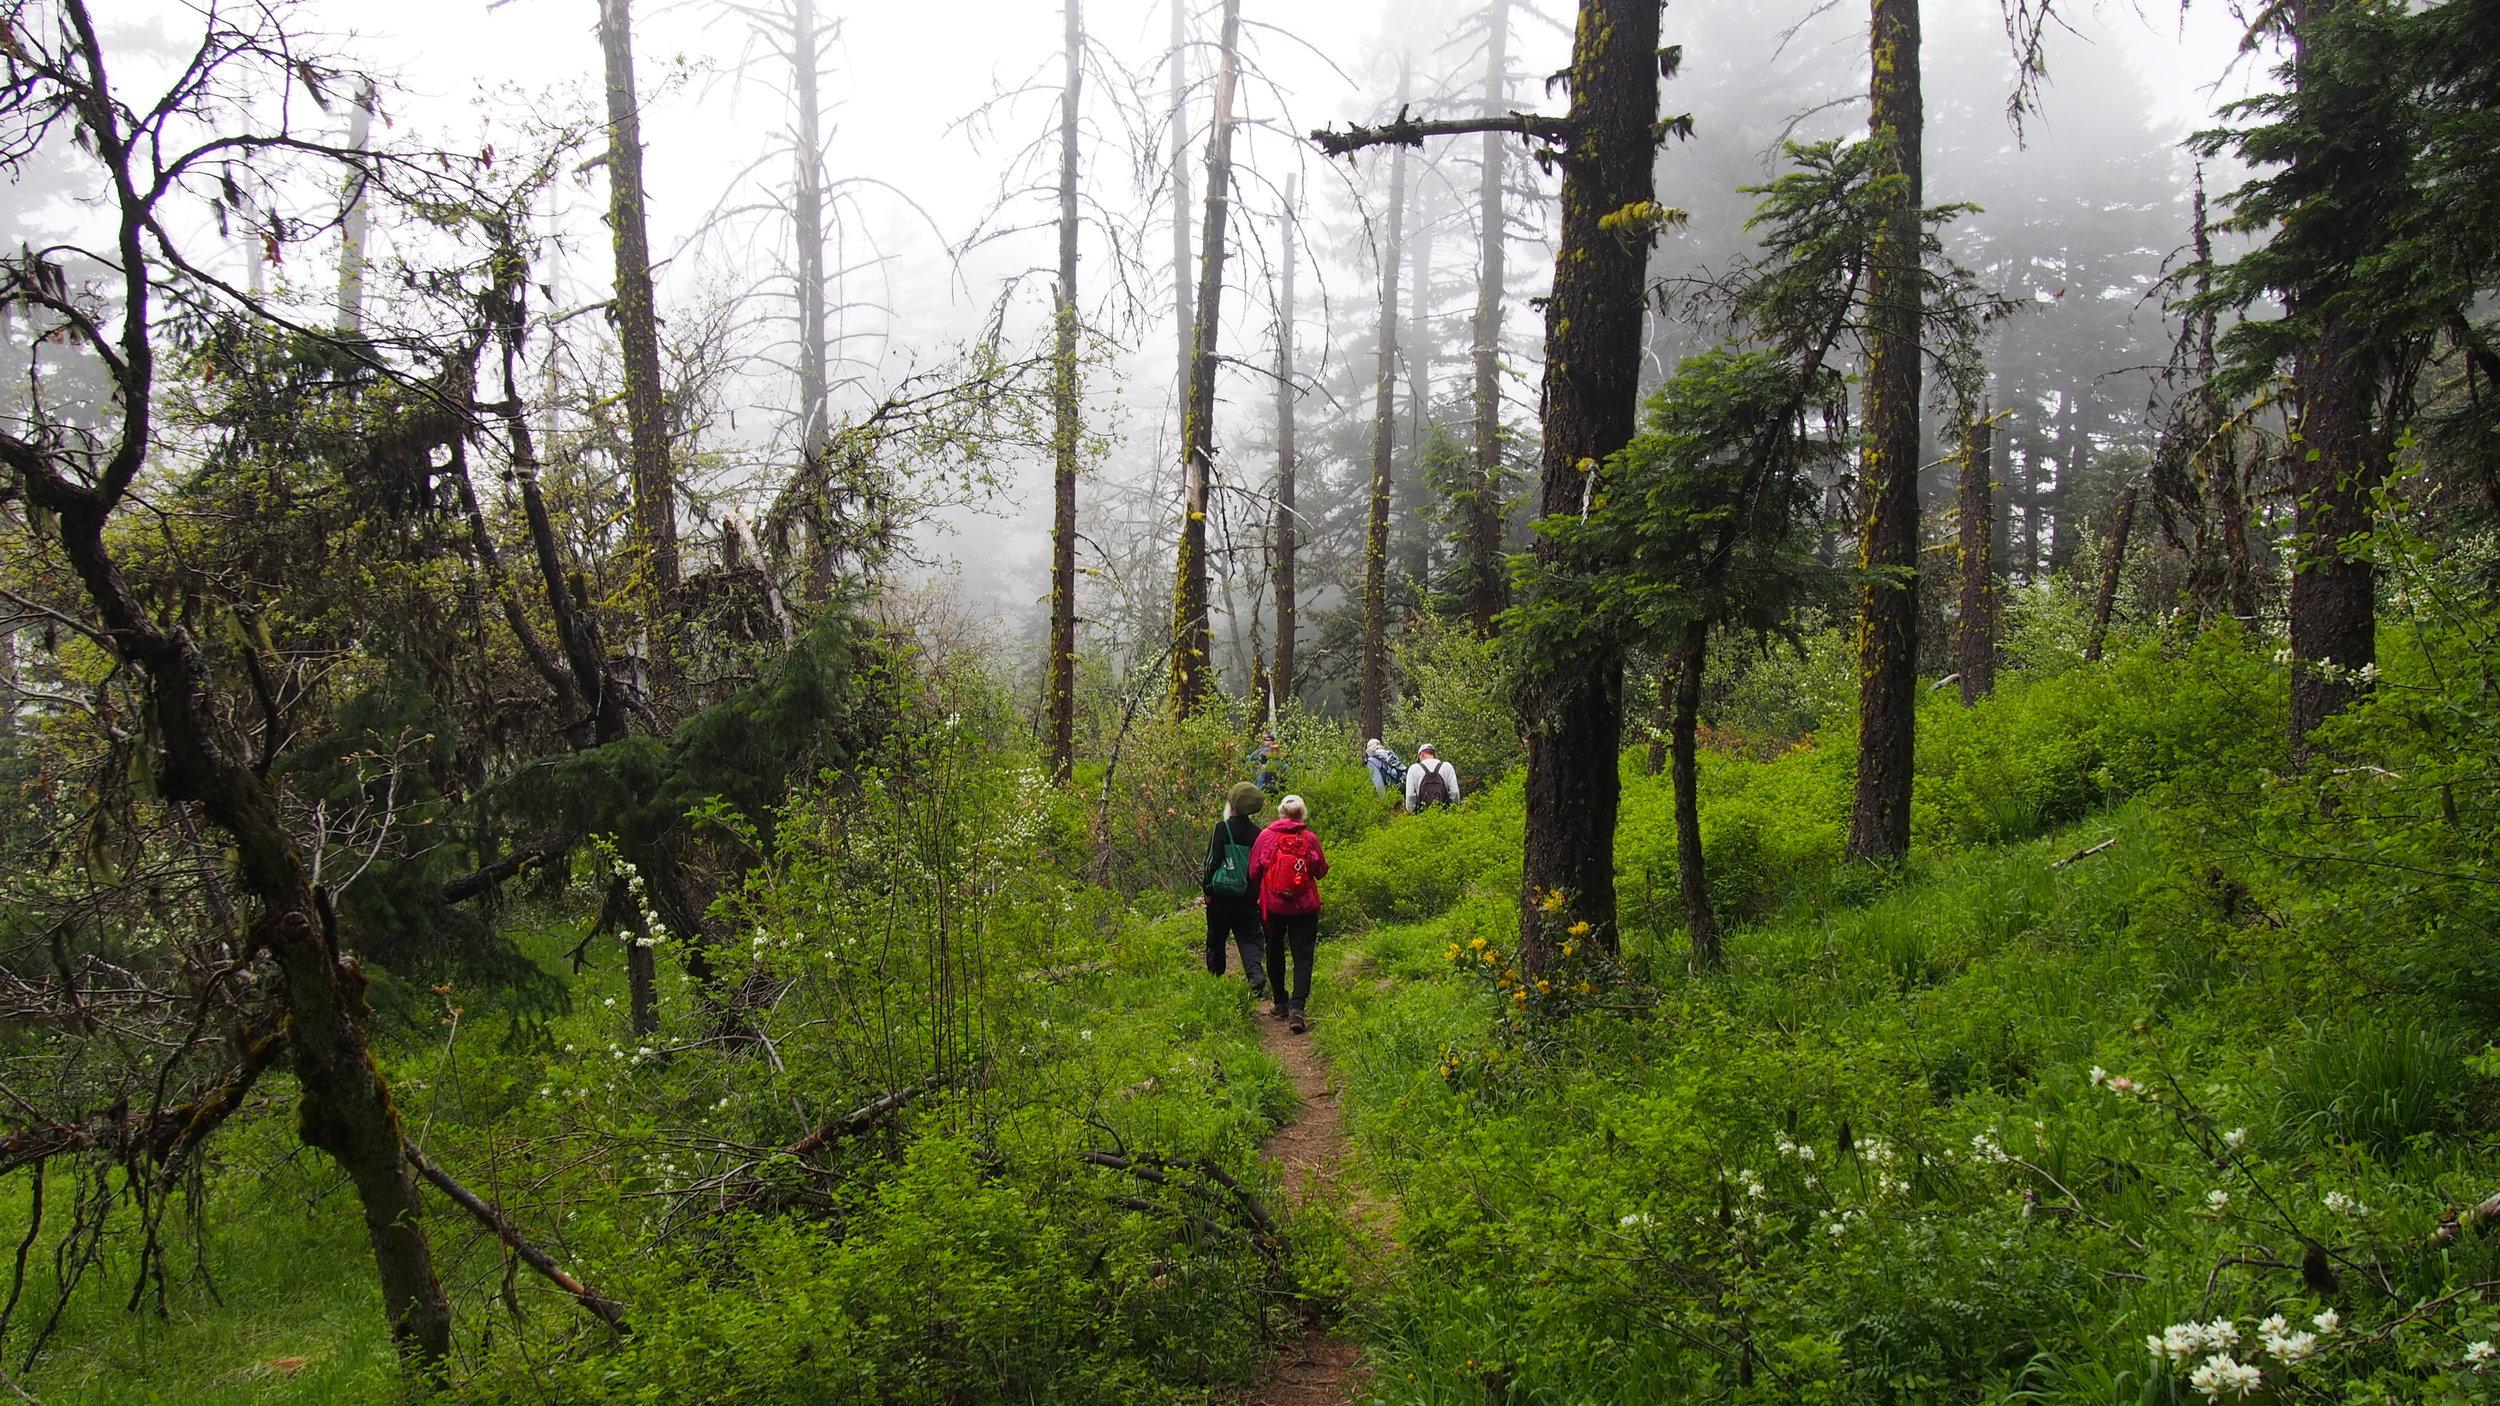 Hiking the Greensprings Mountain loop.